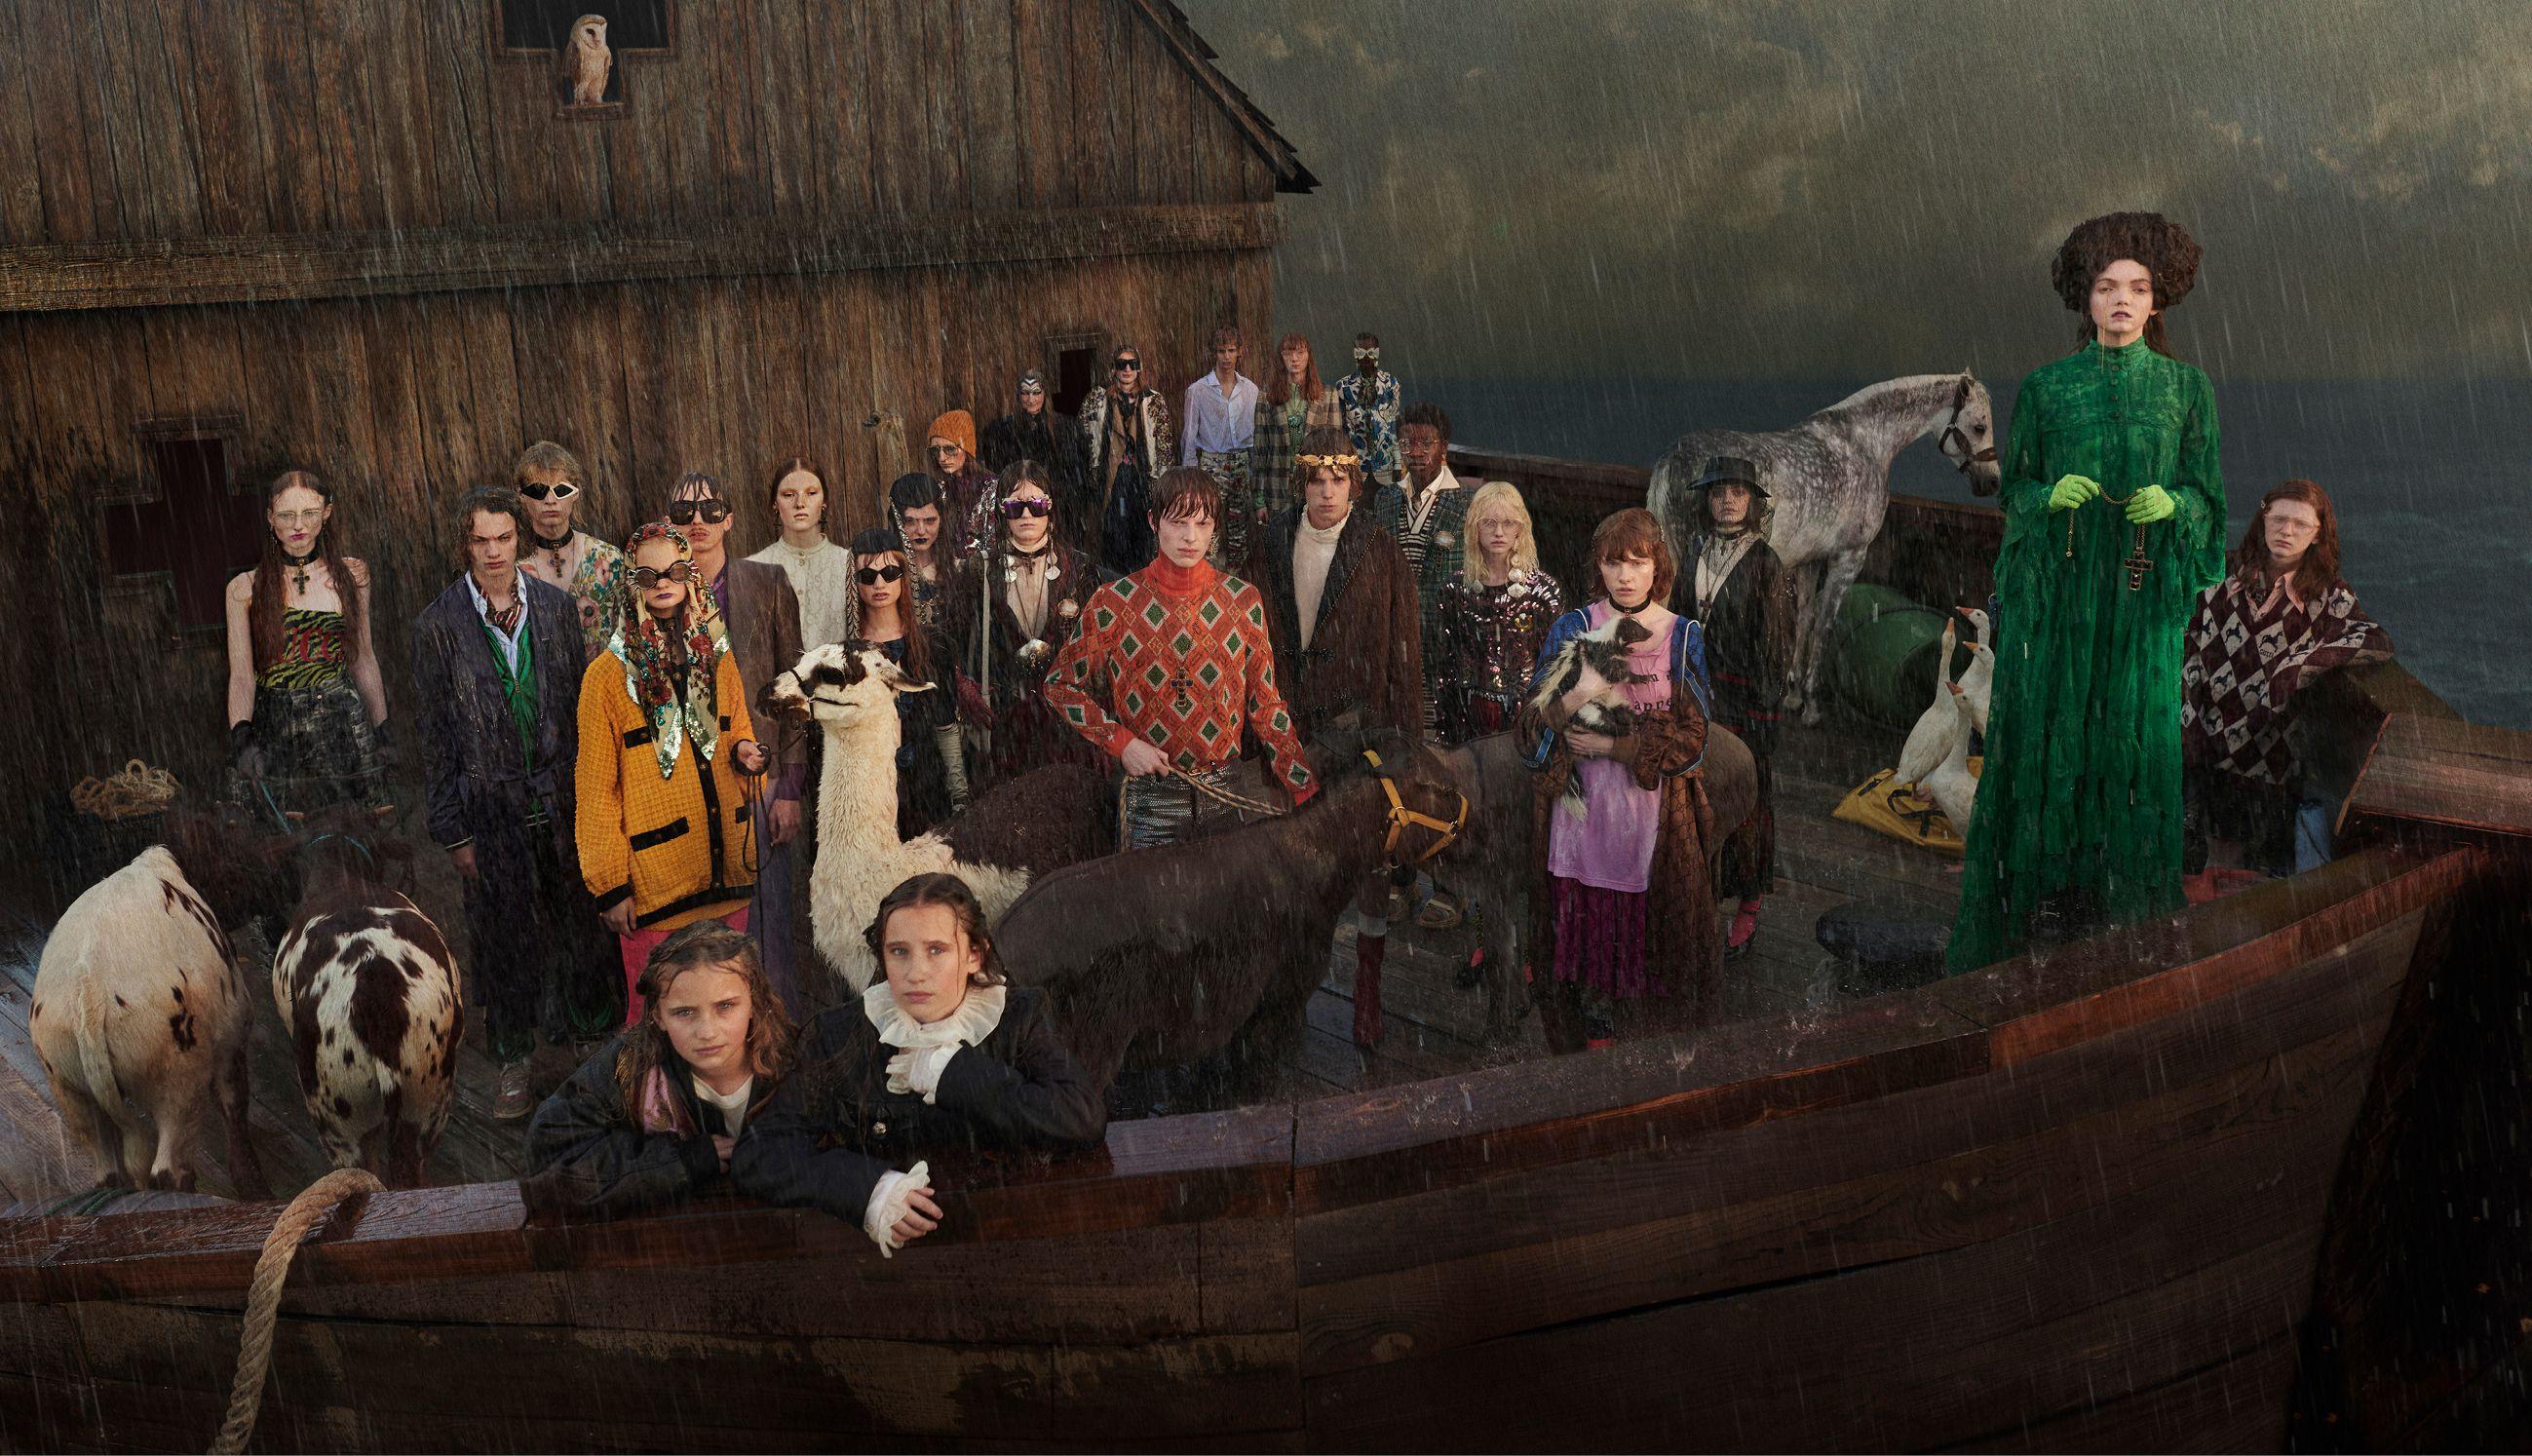 Gucci recrea el Arca de Noé en la última campaña 'Gucci Gothic'